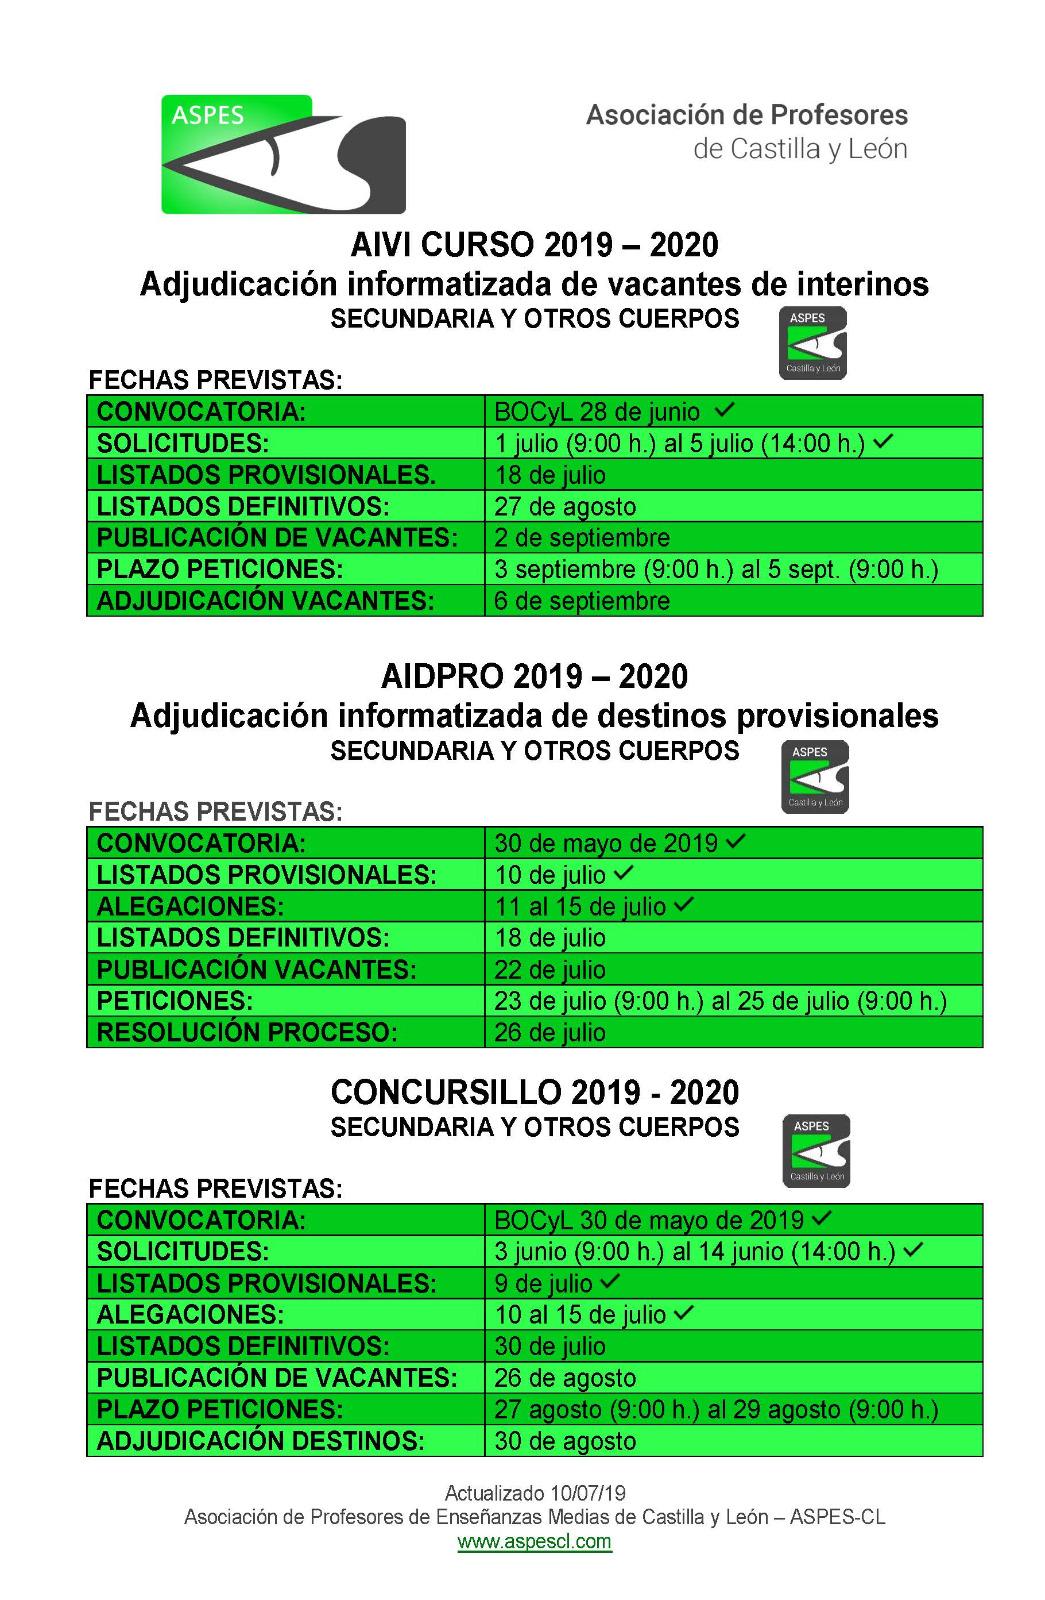 Calendario Julio Y Agosto 2020.Calendario Previsto Aivi Aidpro A Concursillo 2019 2020